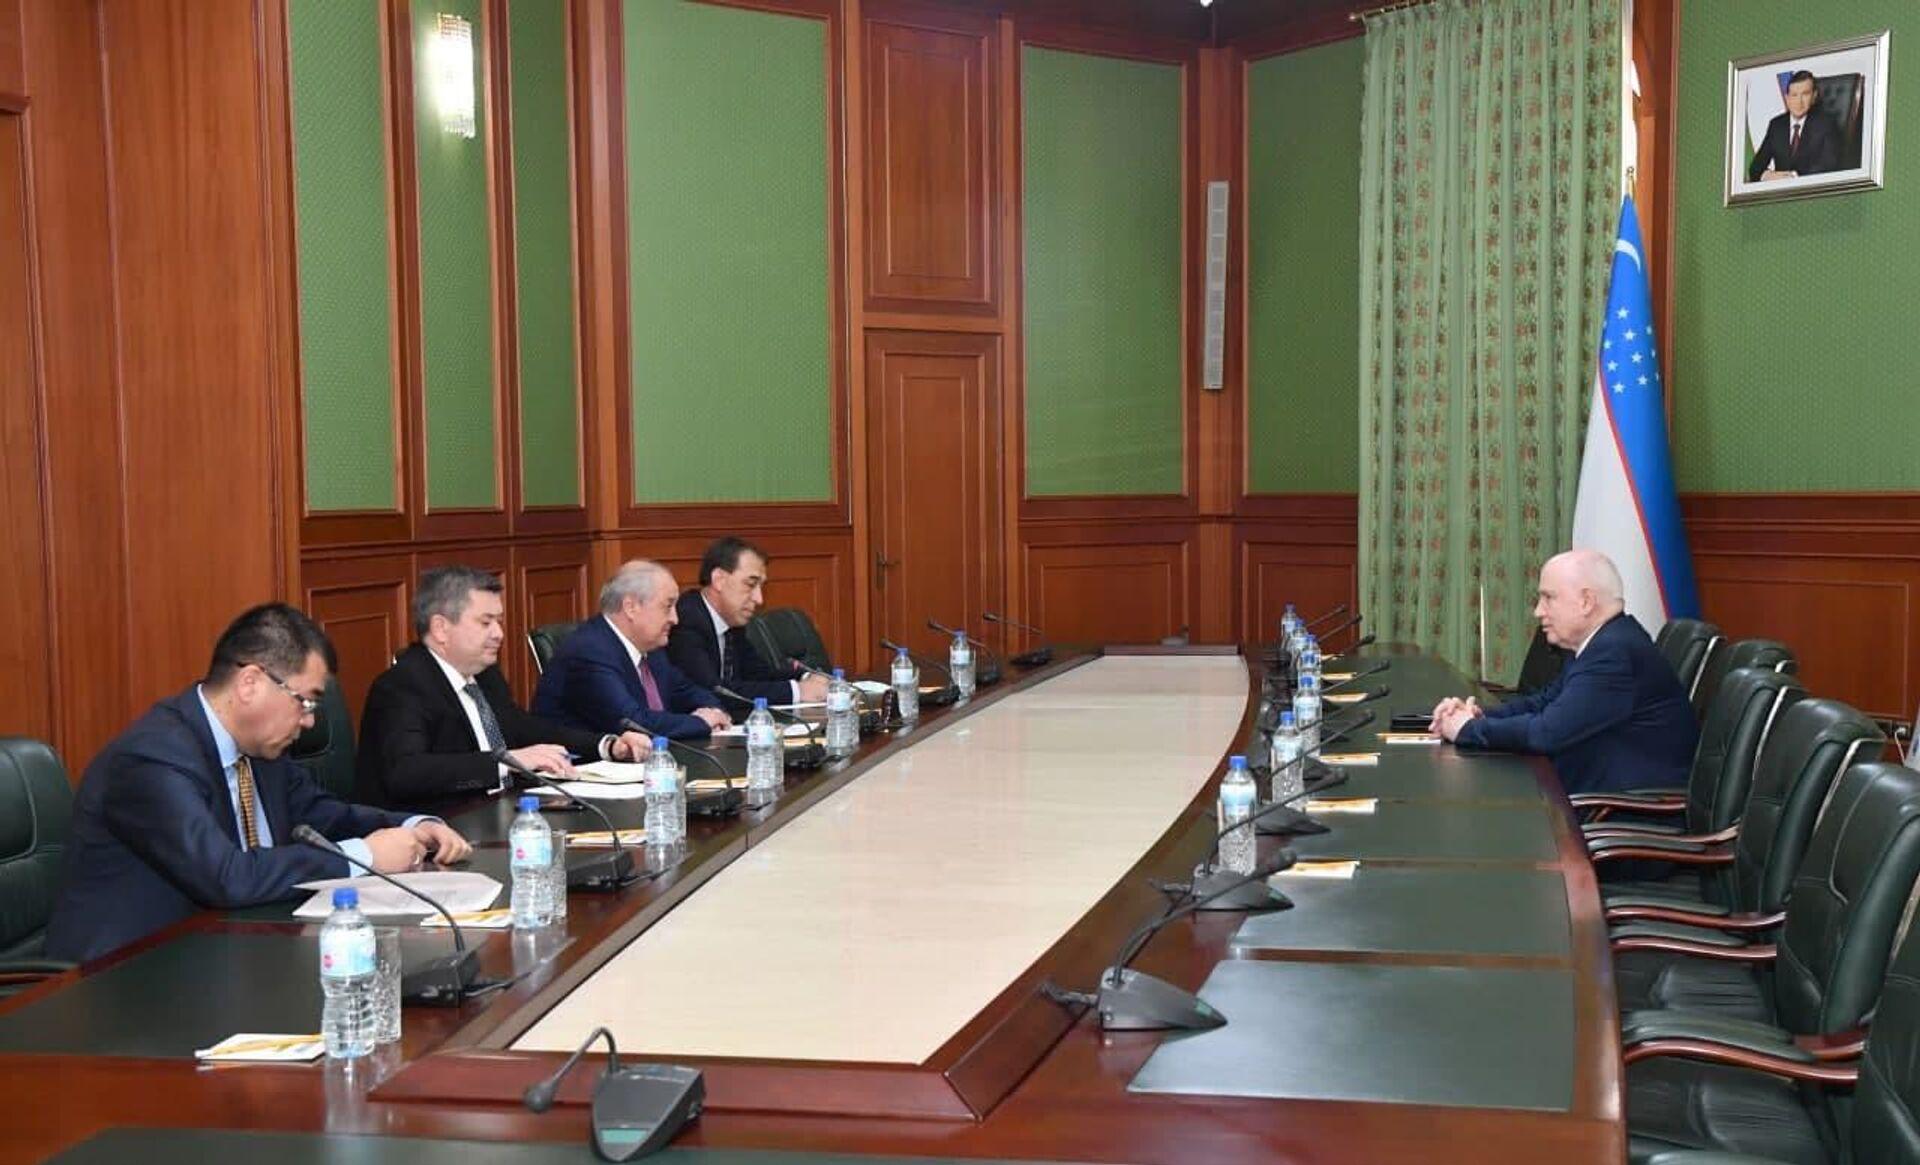 29 сентября 2021 года Министр иностранных дел Республики Узбекистан Абдулазиз Камилов провел встречу с Председателем Исполнительного комитета – Исполнительным секретарем СНГ Сергеем Лебедевым - Sputnik Ўзбекистон, 1920, 29.09.2021